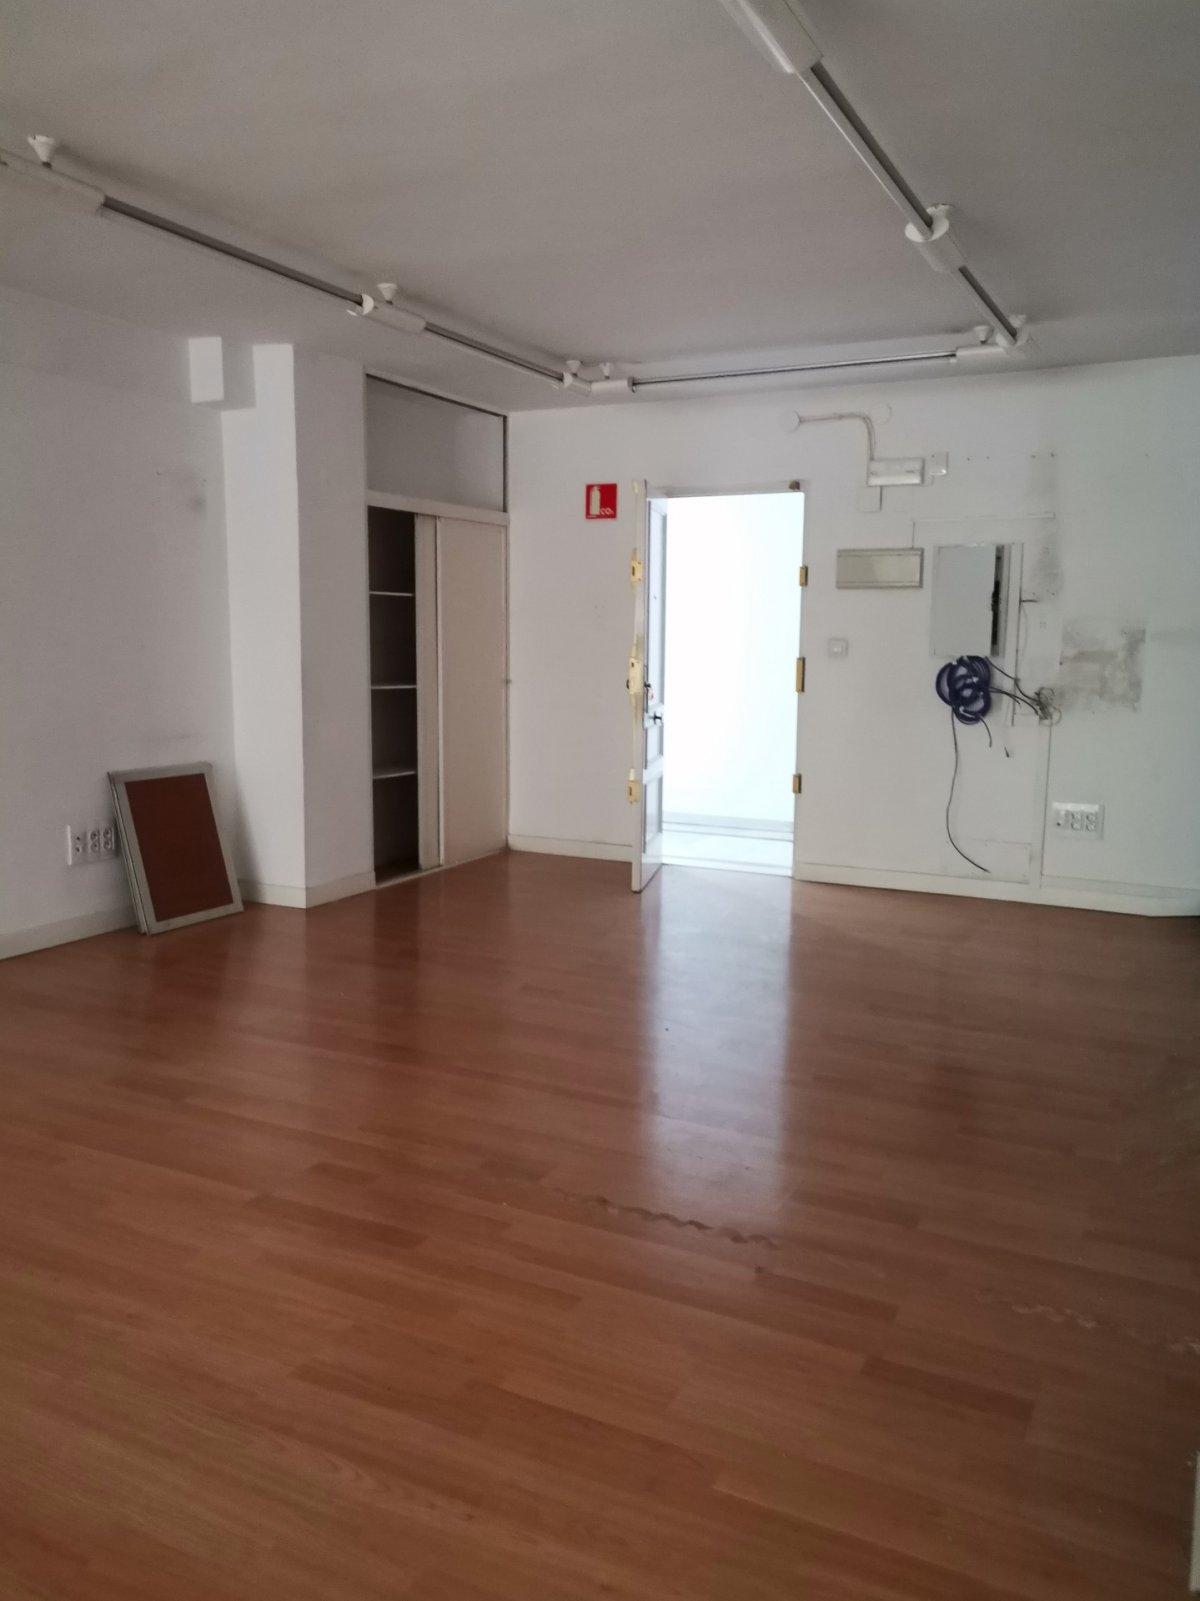 Oficina en alquiler en Jaén